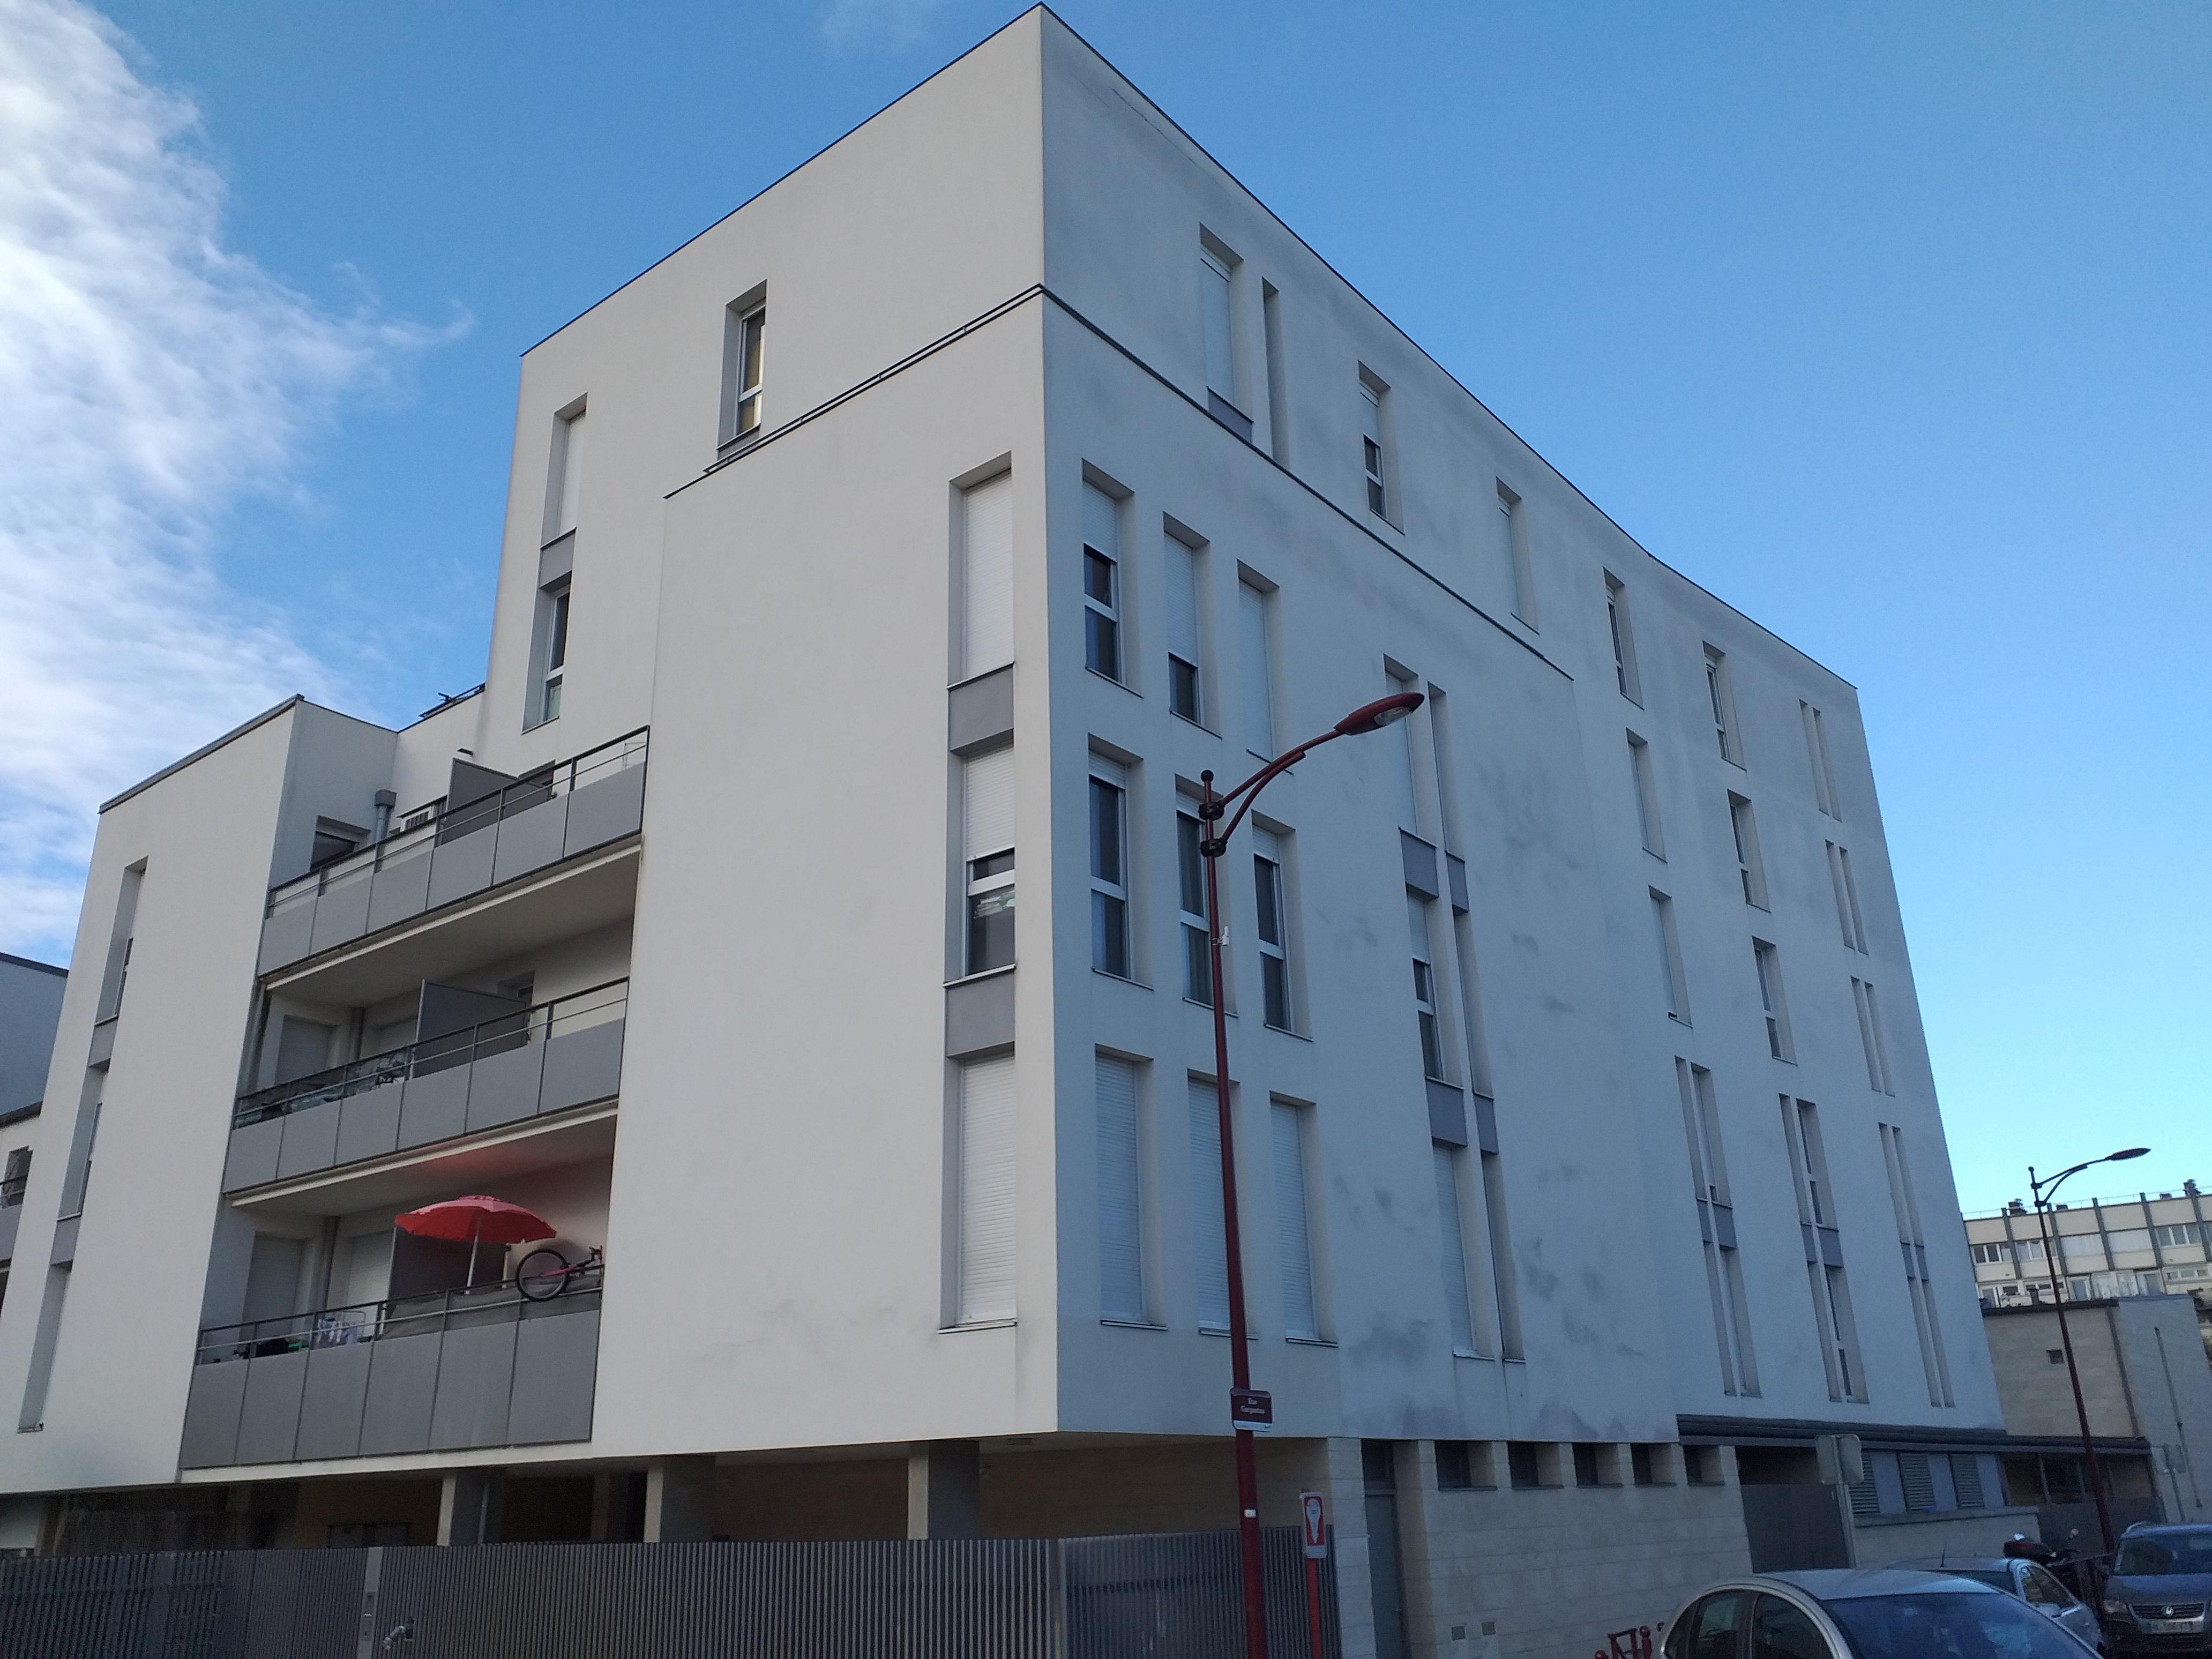 Audit et gestion patrimoniale d'immeuble d'habitation